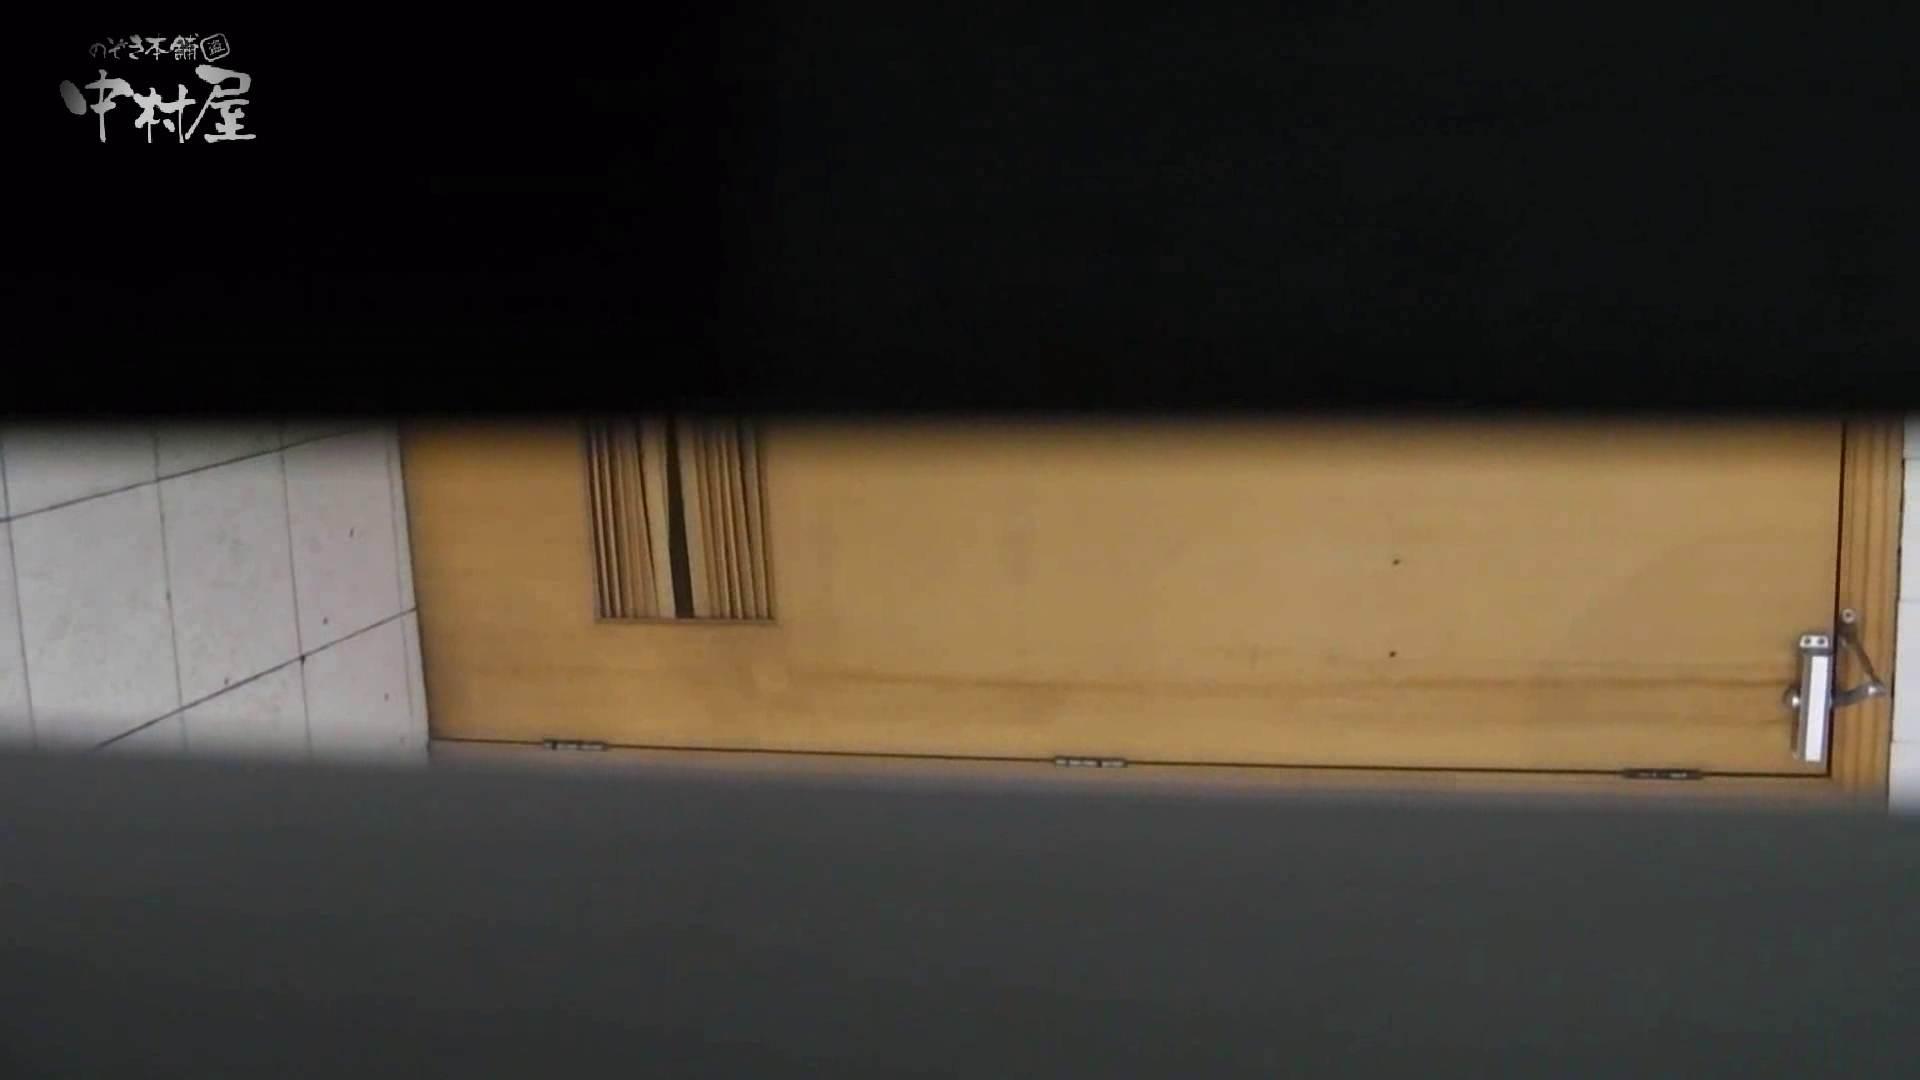 洗面所突入レポート!!vol.25 マンコ・ムレムレ AV無料動画キャプチャ 83pic 34